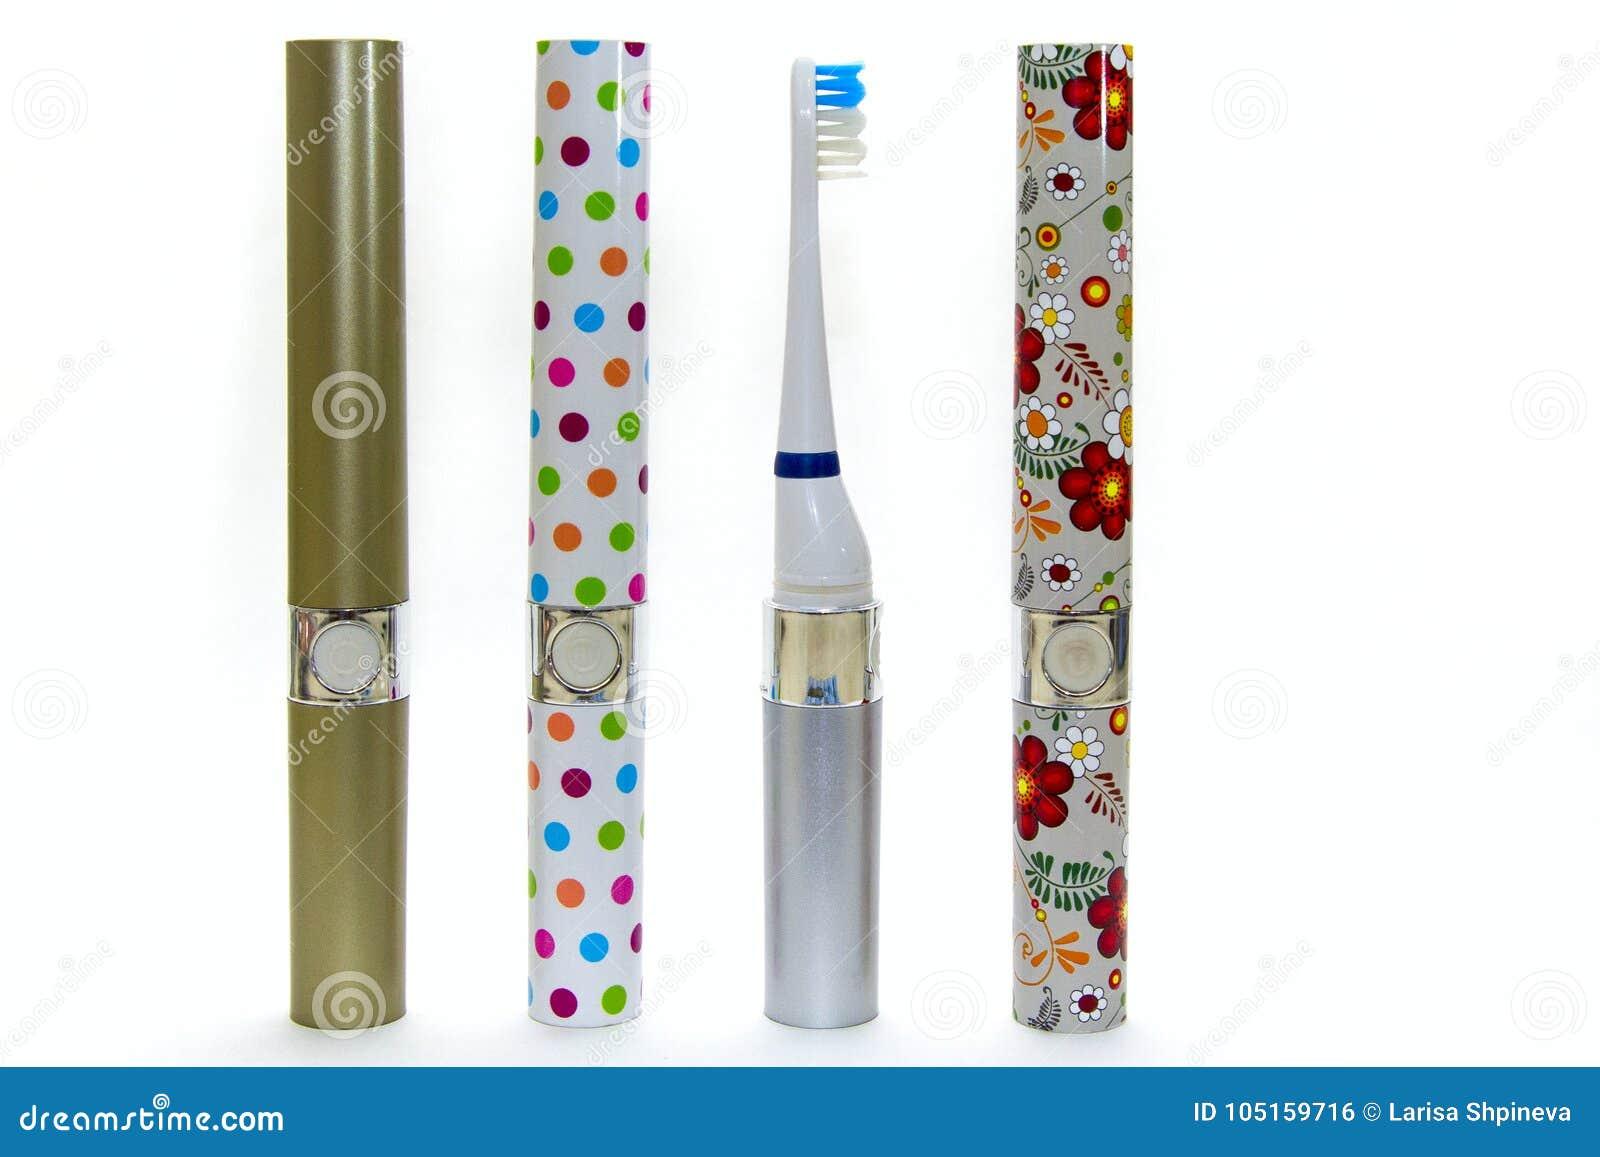 Ζωηρόχρωμη ηλεκτρική οδοντόβουρτσα τέσσερα για την οικογένεια που απομονώνεται στο άσπρο υπόβαθρο